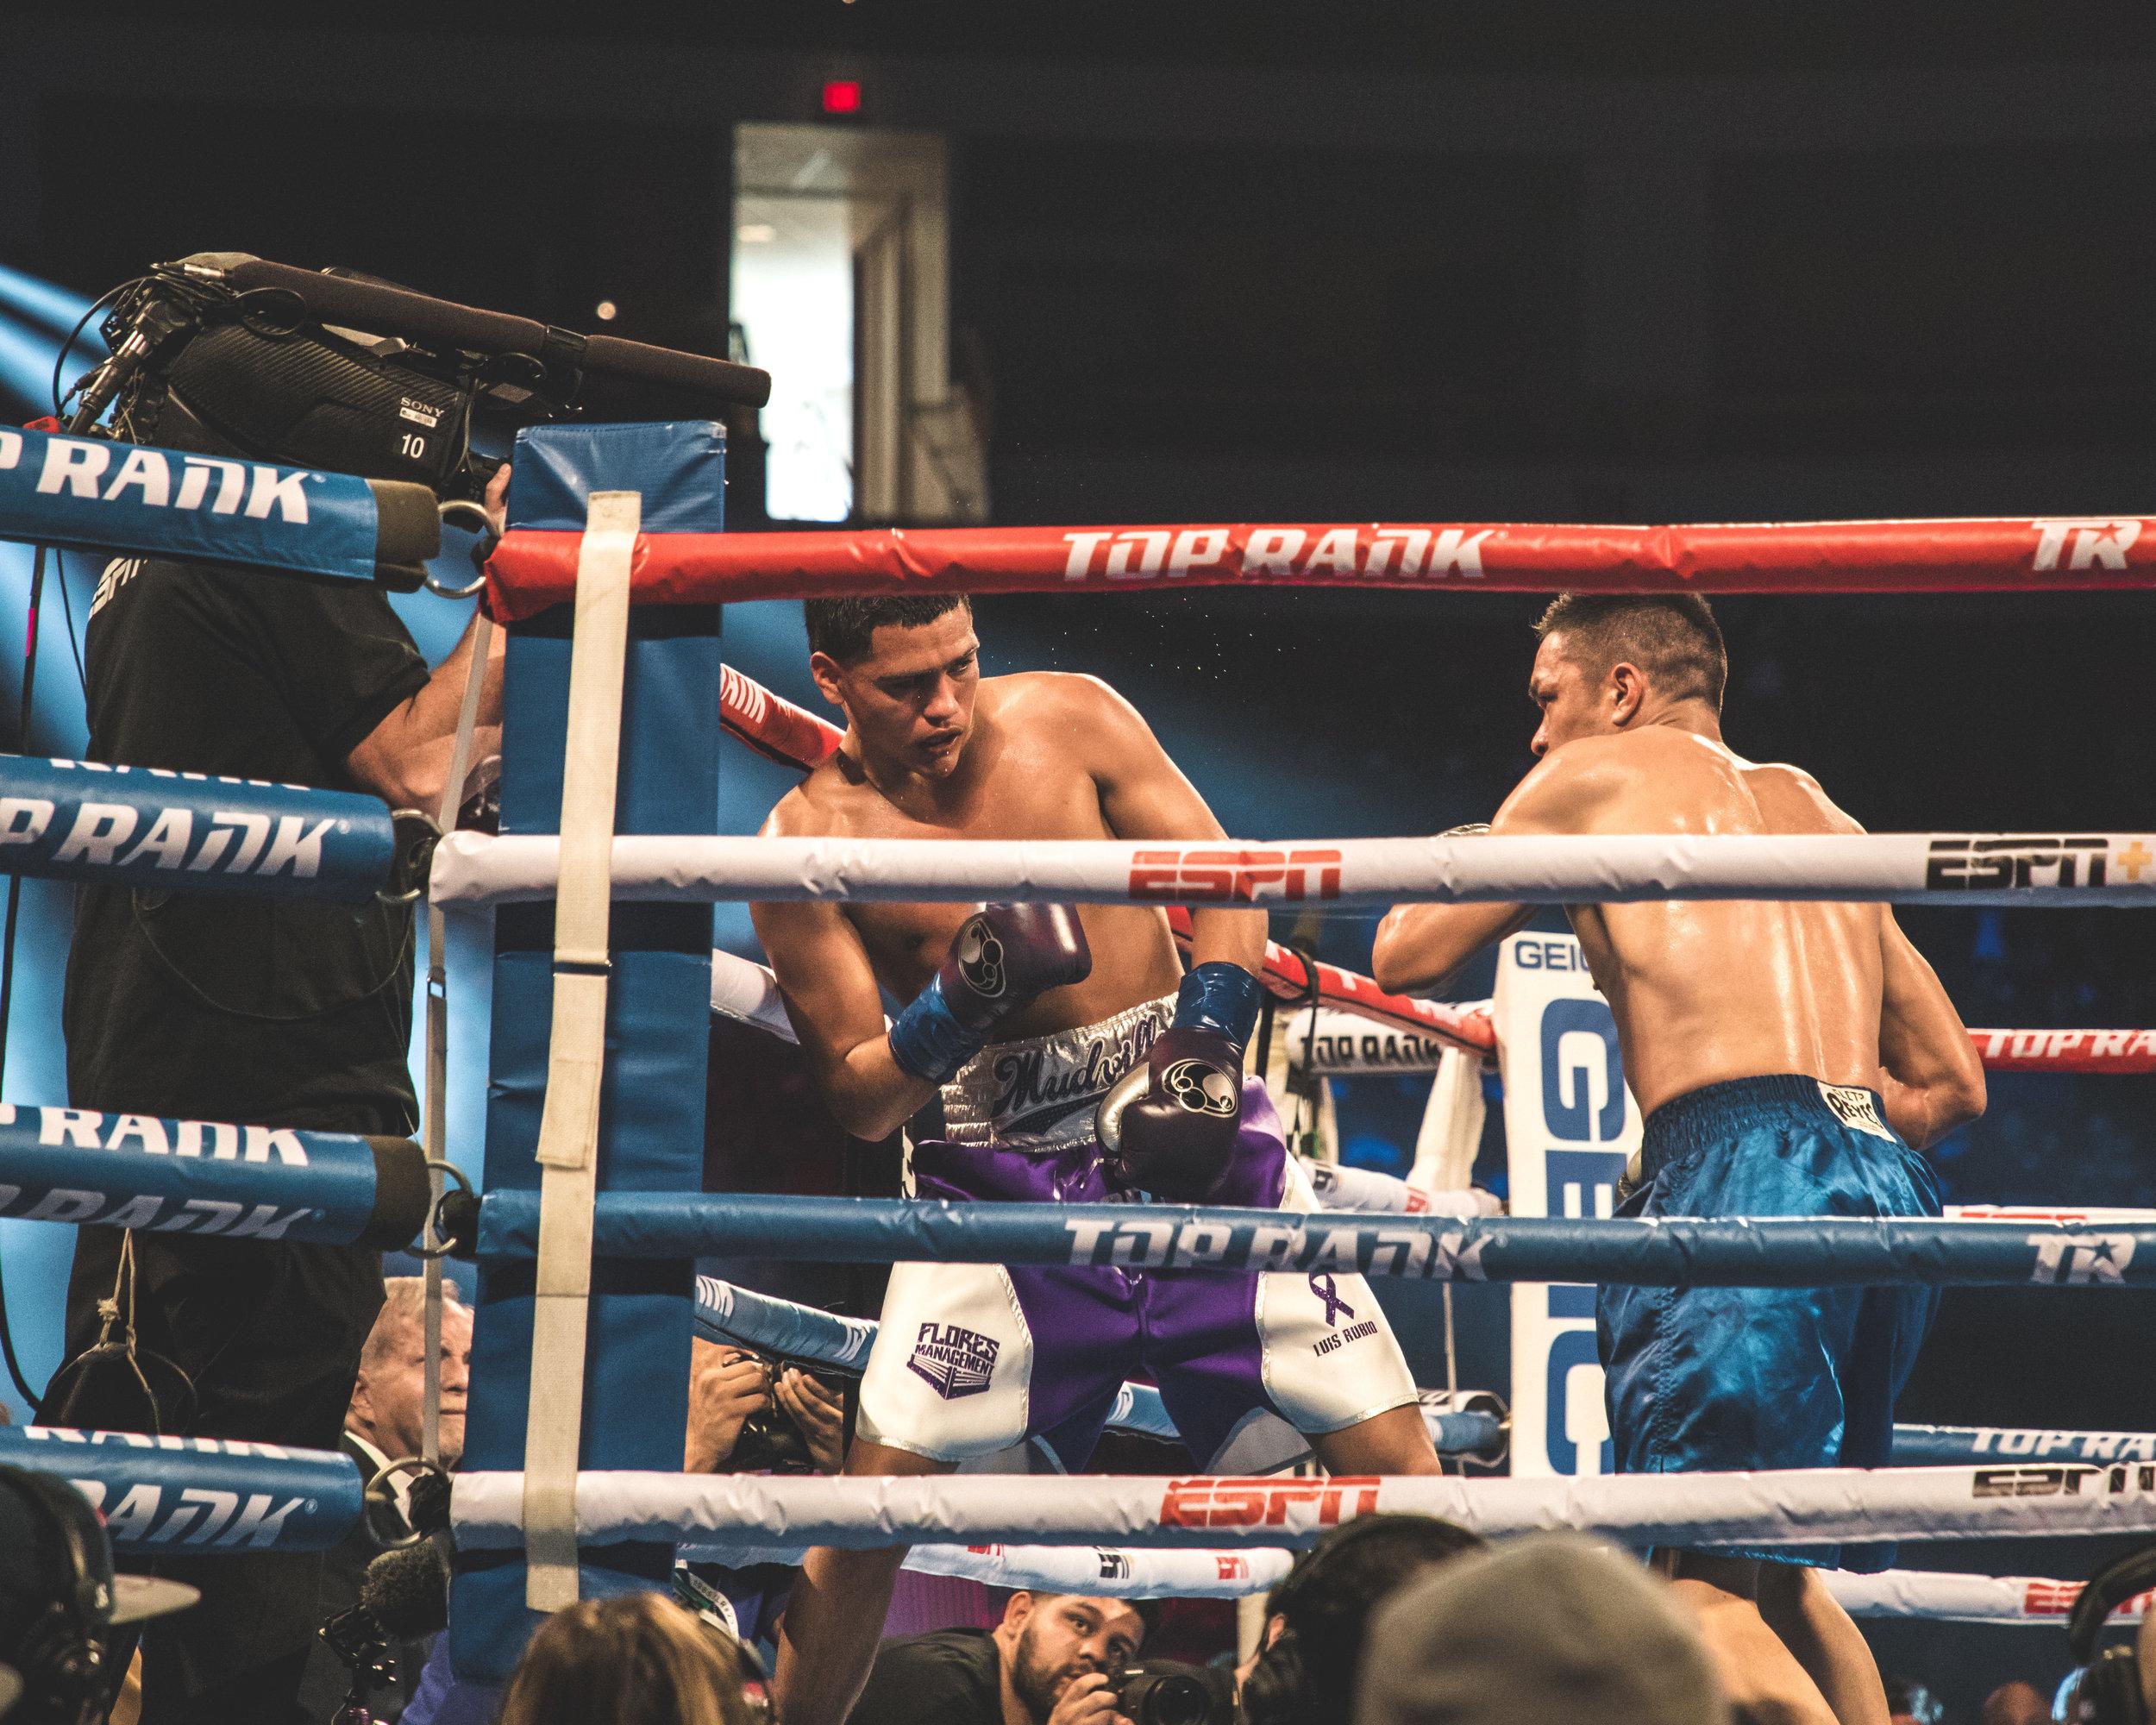 Alex Torres Rynn has Gabriel Flores Jr. against the ropes by Benny Blanco